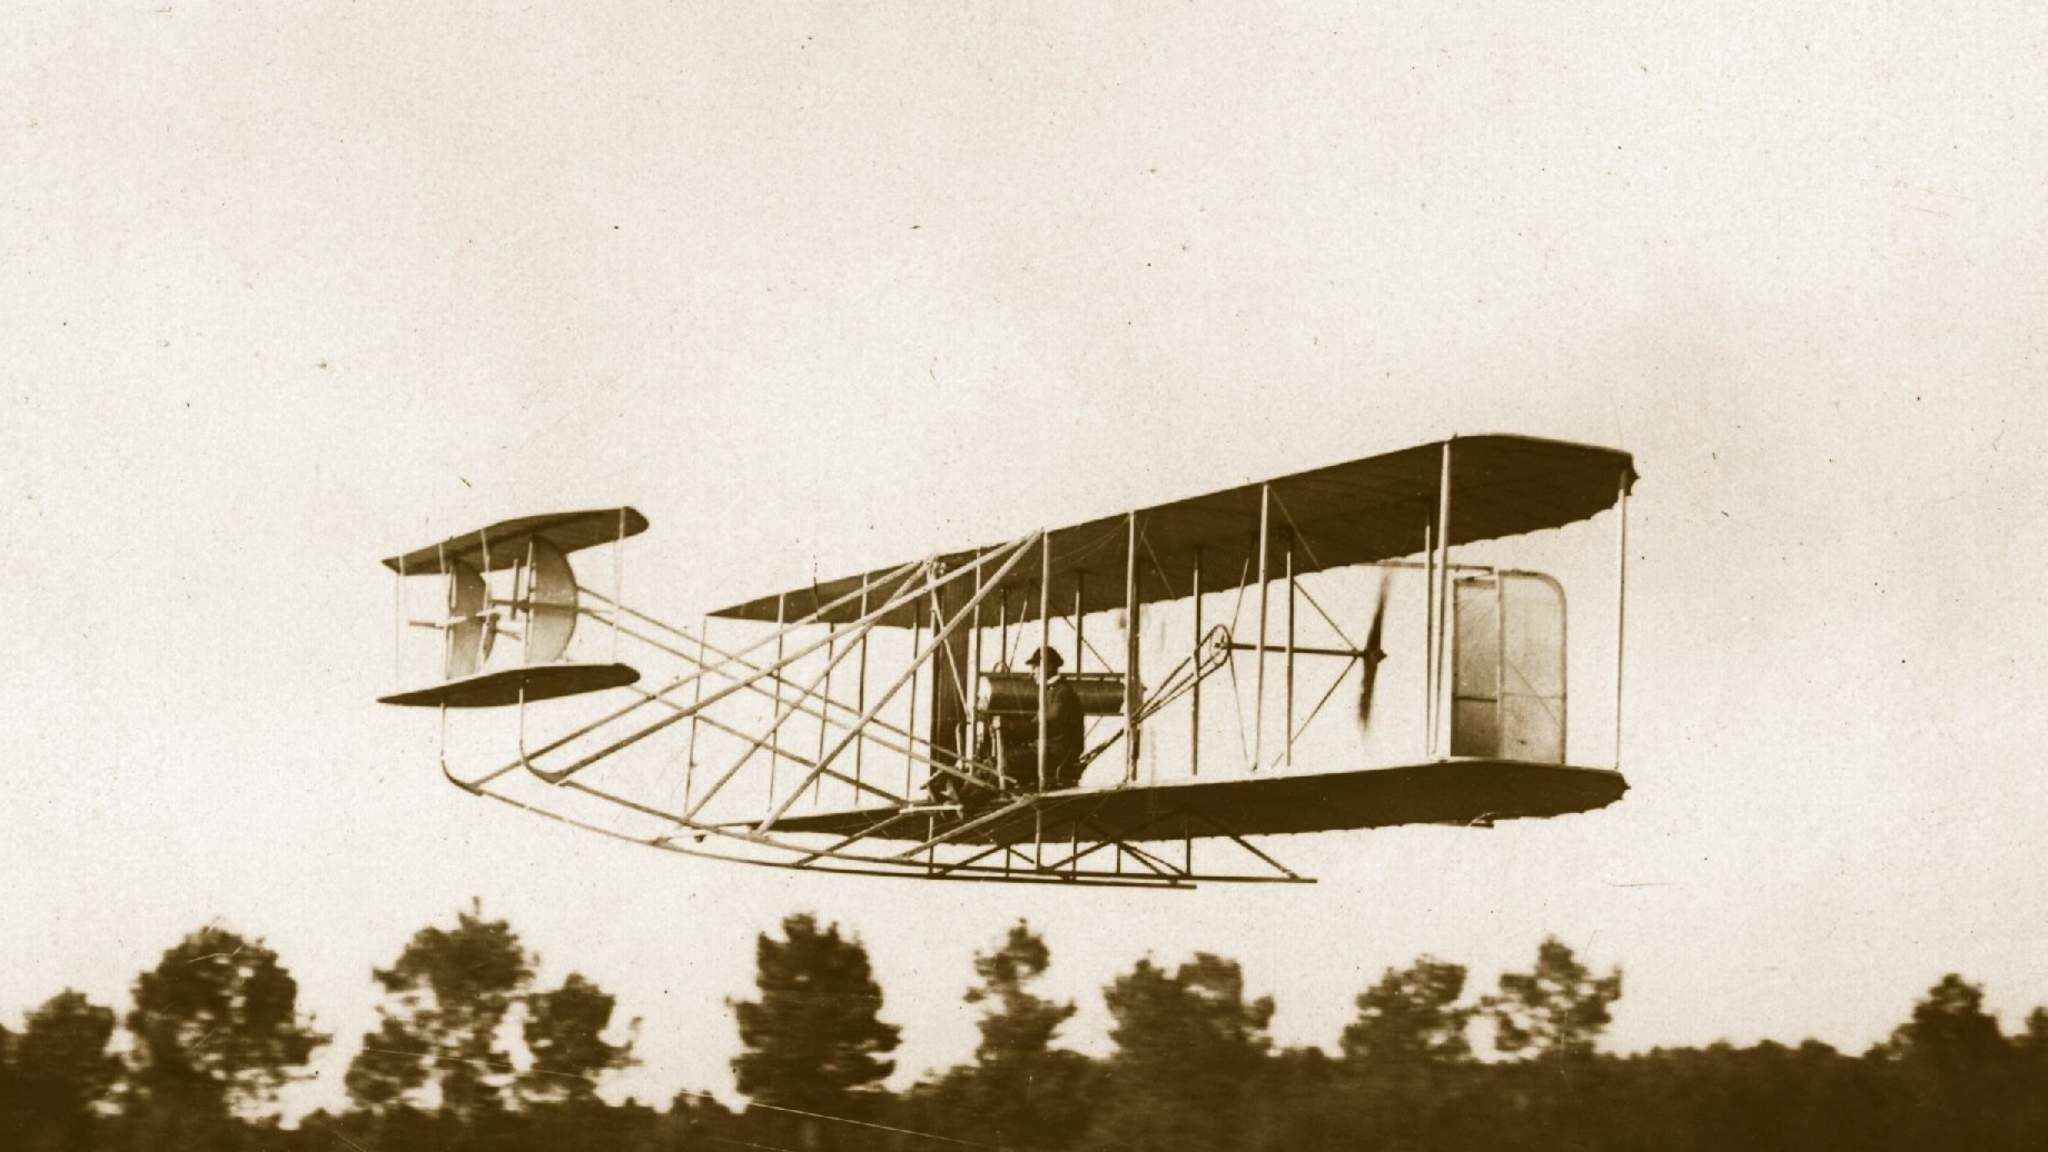 первый самолет в россии был изобретен кем каждый казачок